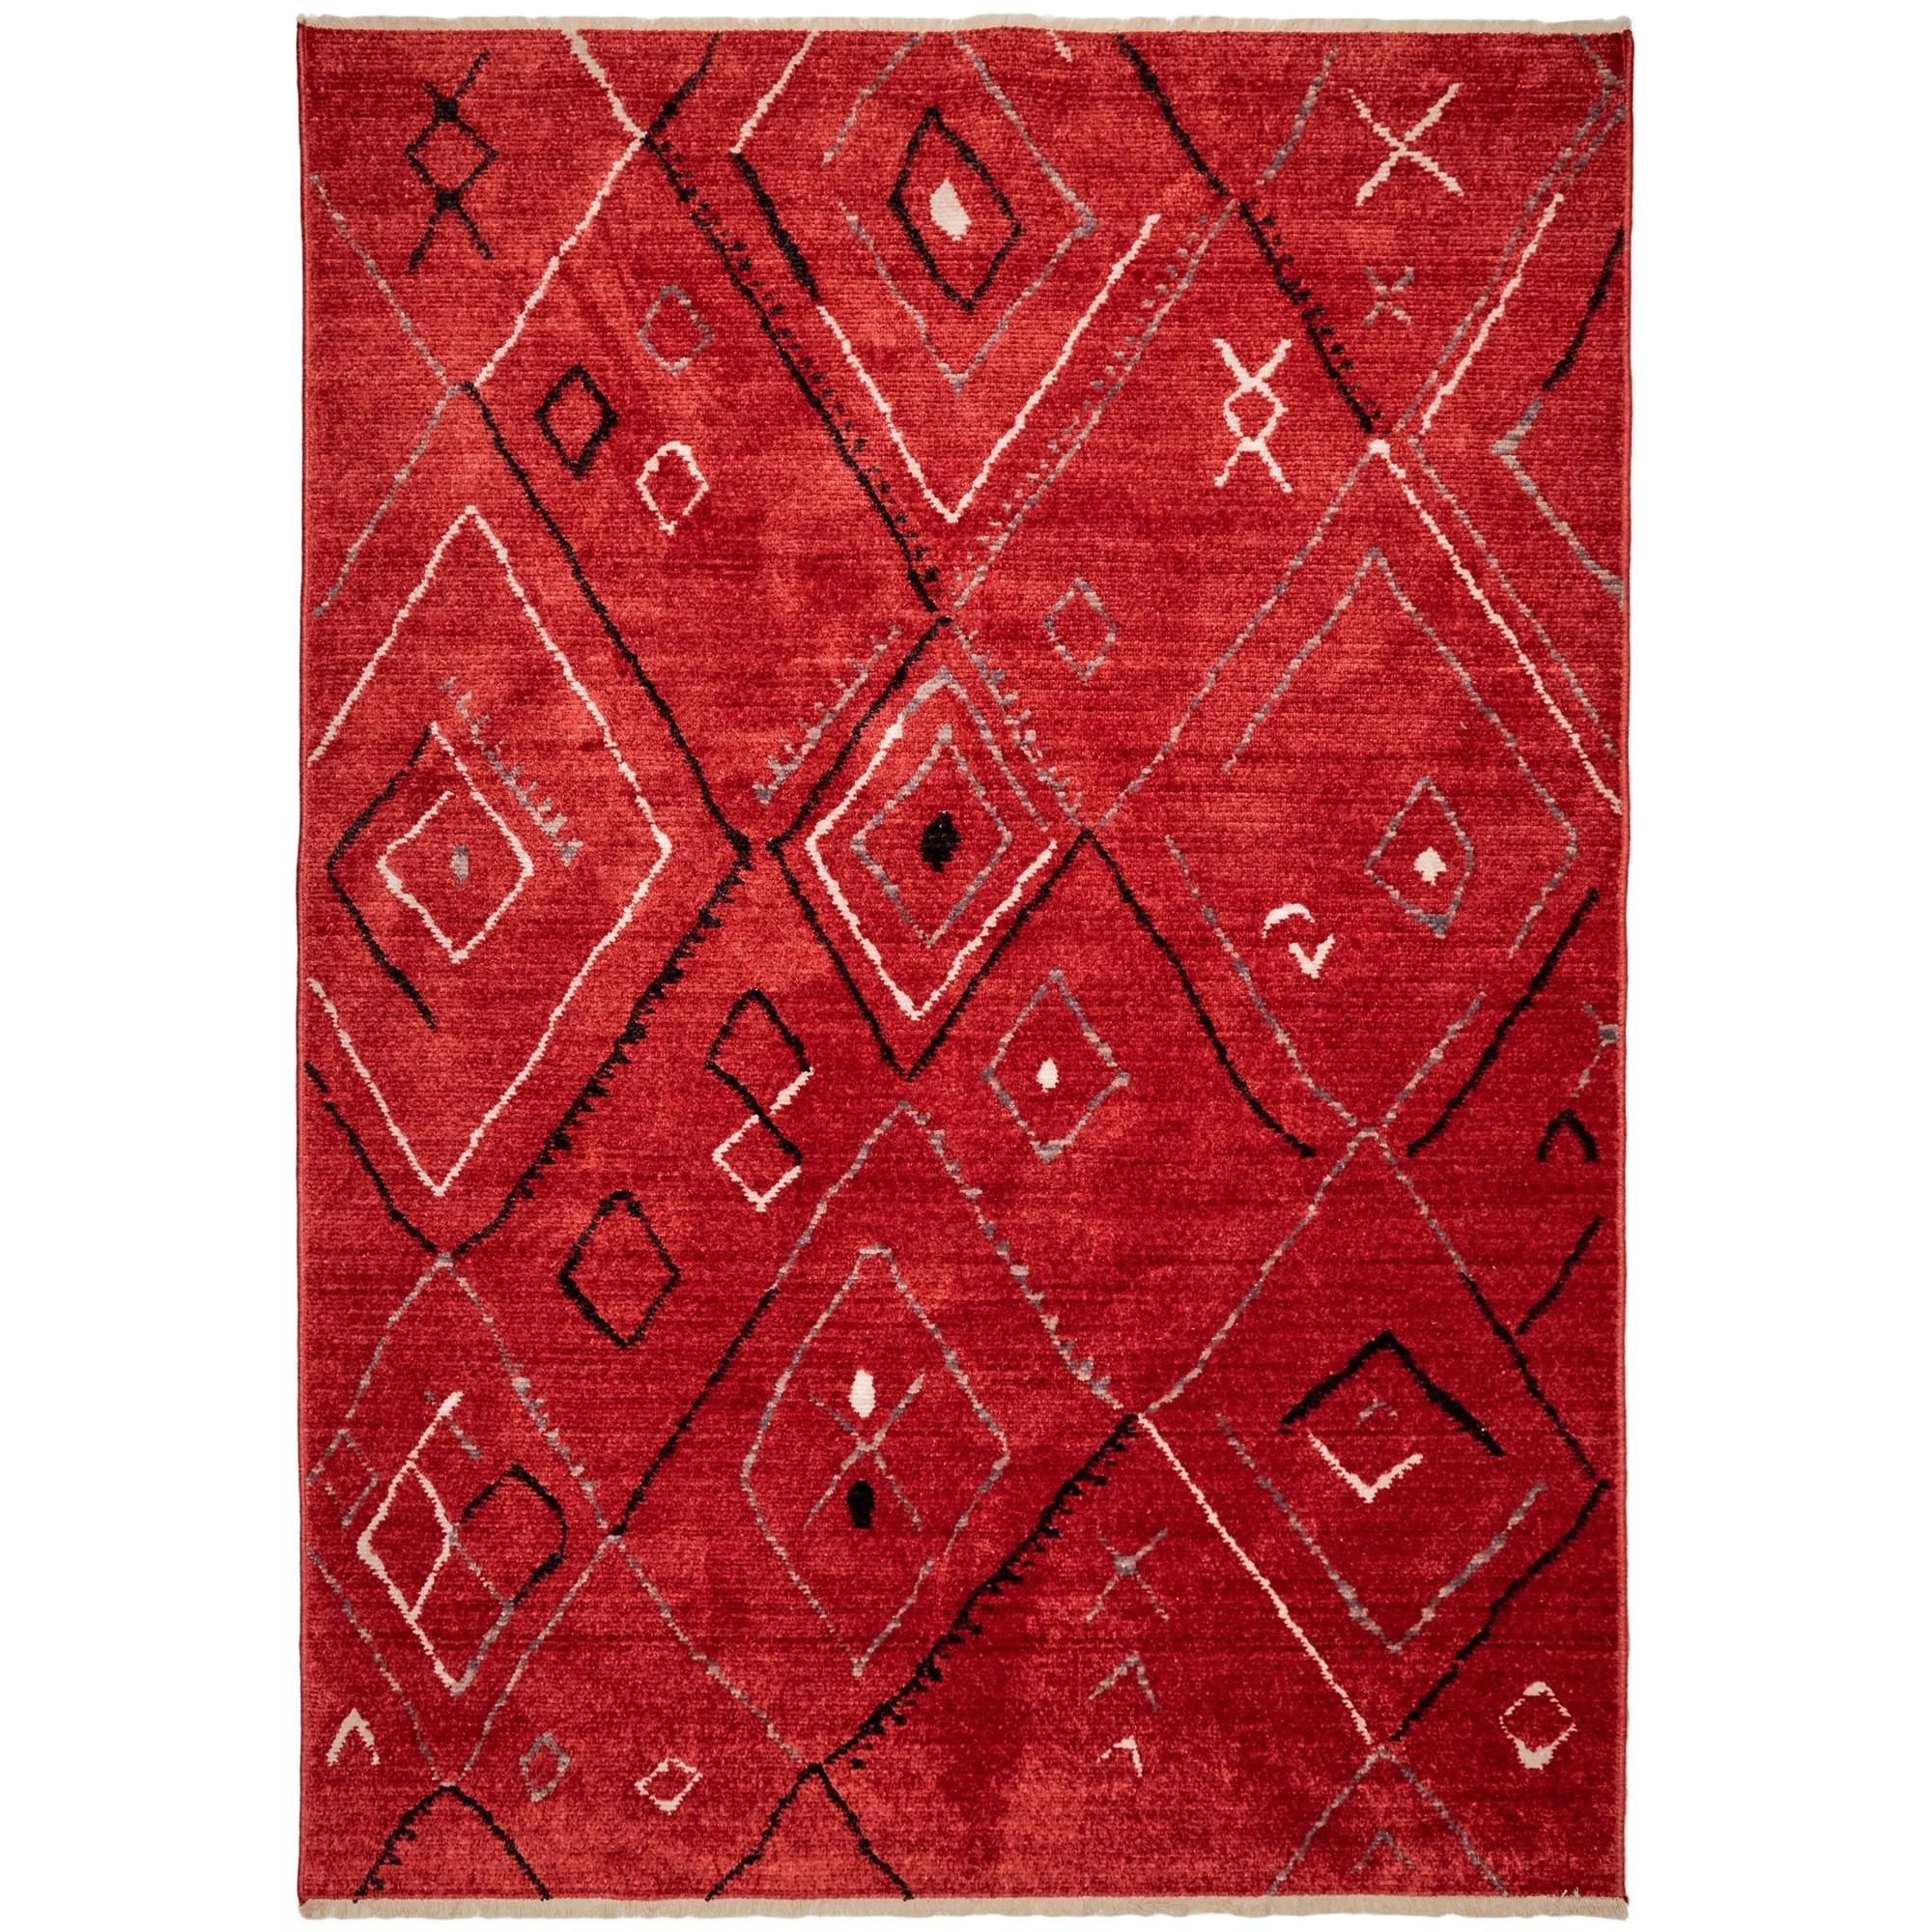 Kerabi No.010 Modern Tribal Rug, 115x80cm